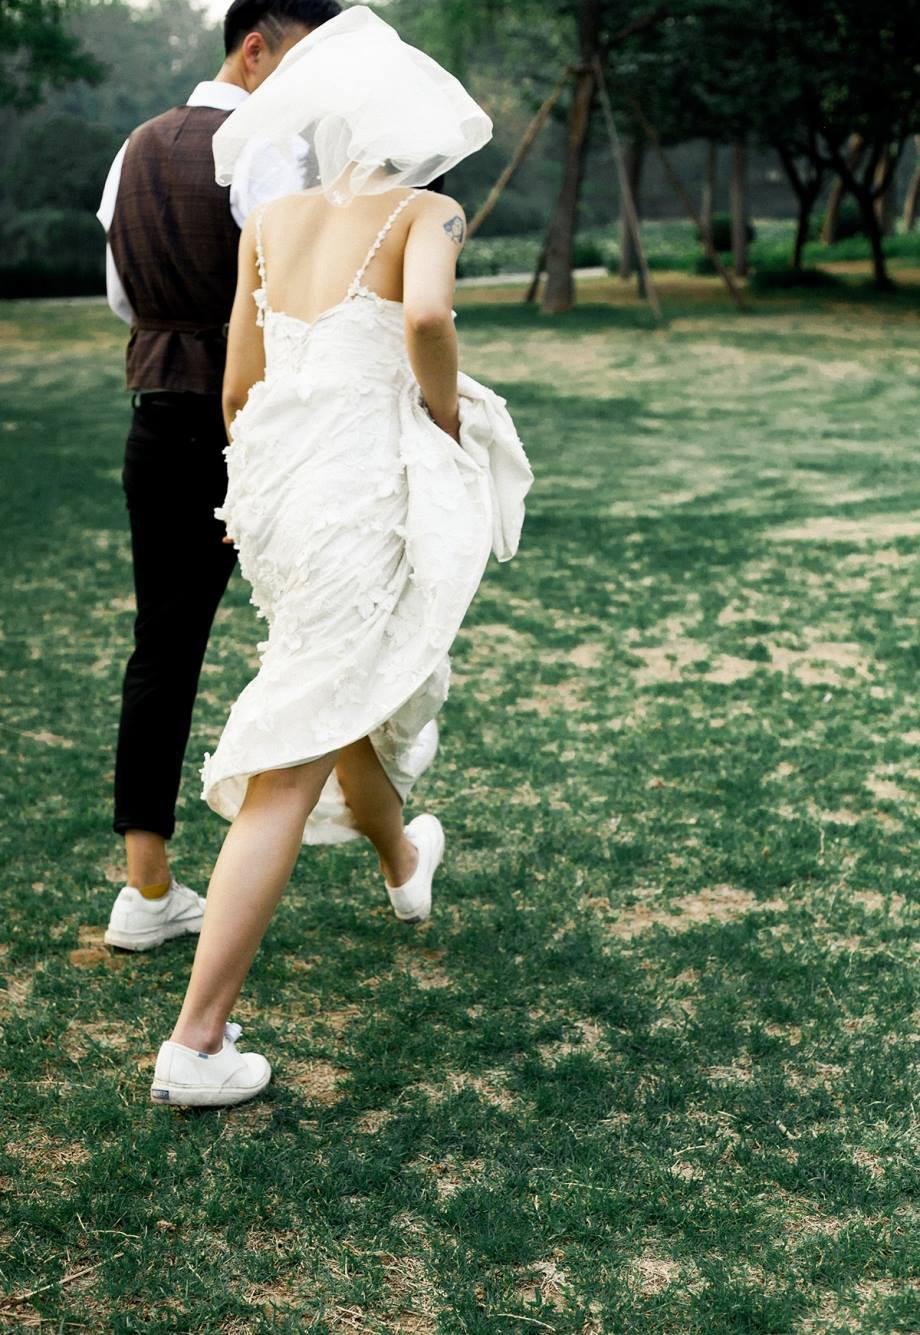 Bộ ảnh cưới mùa hè của cô dâu tóc ngắn đi giày thể thao giúp bạn định nghĩa lại về cái đẹp - Ảnh 6.